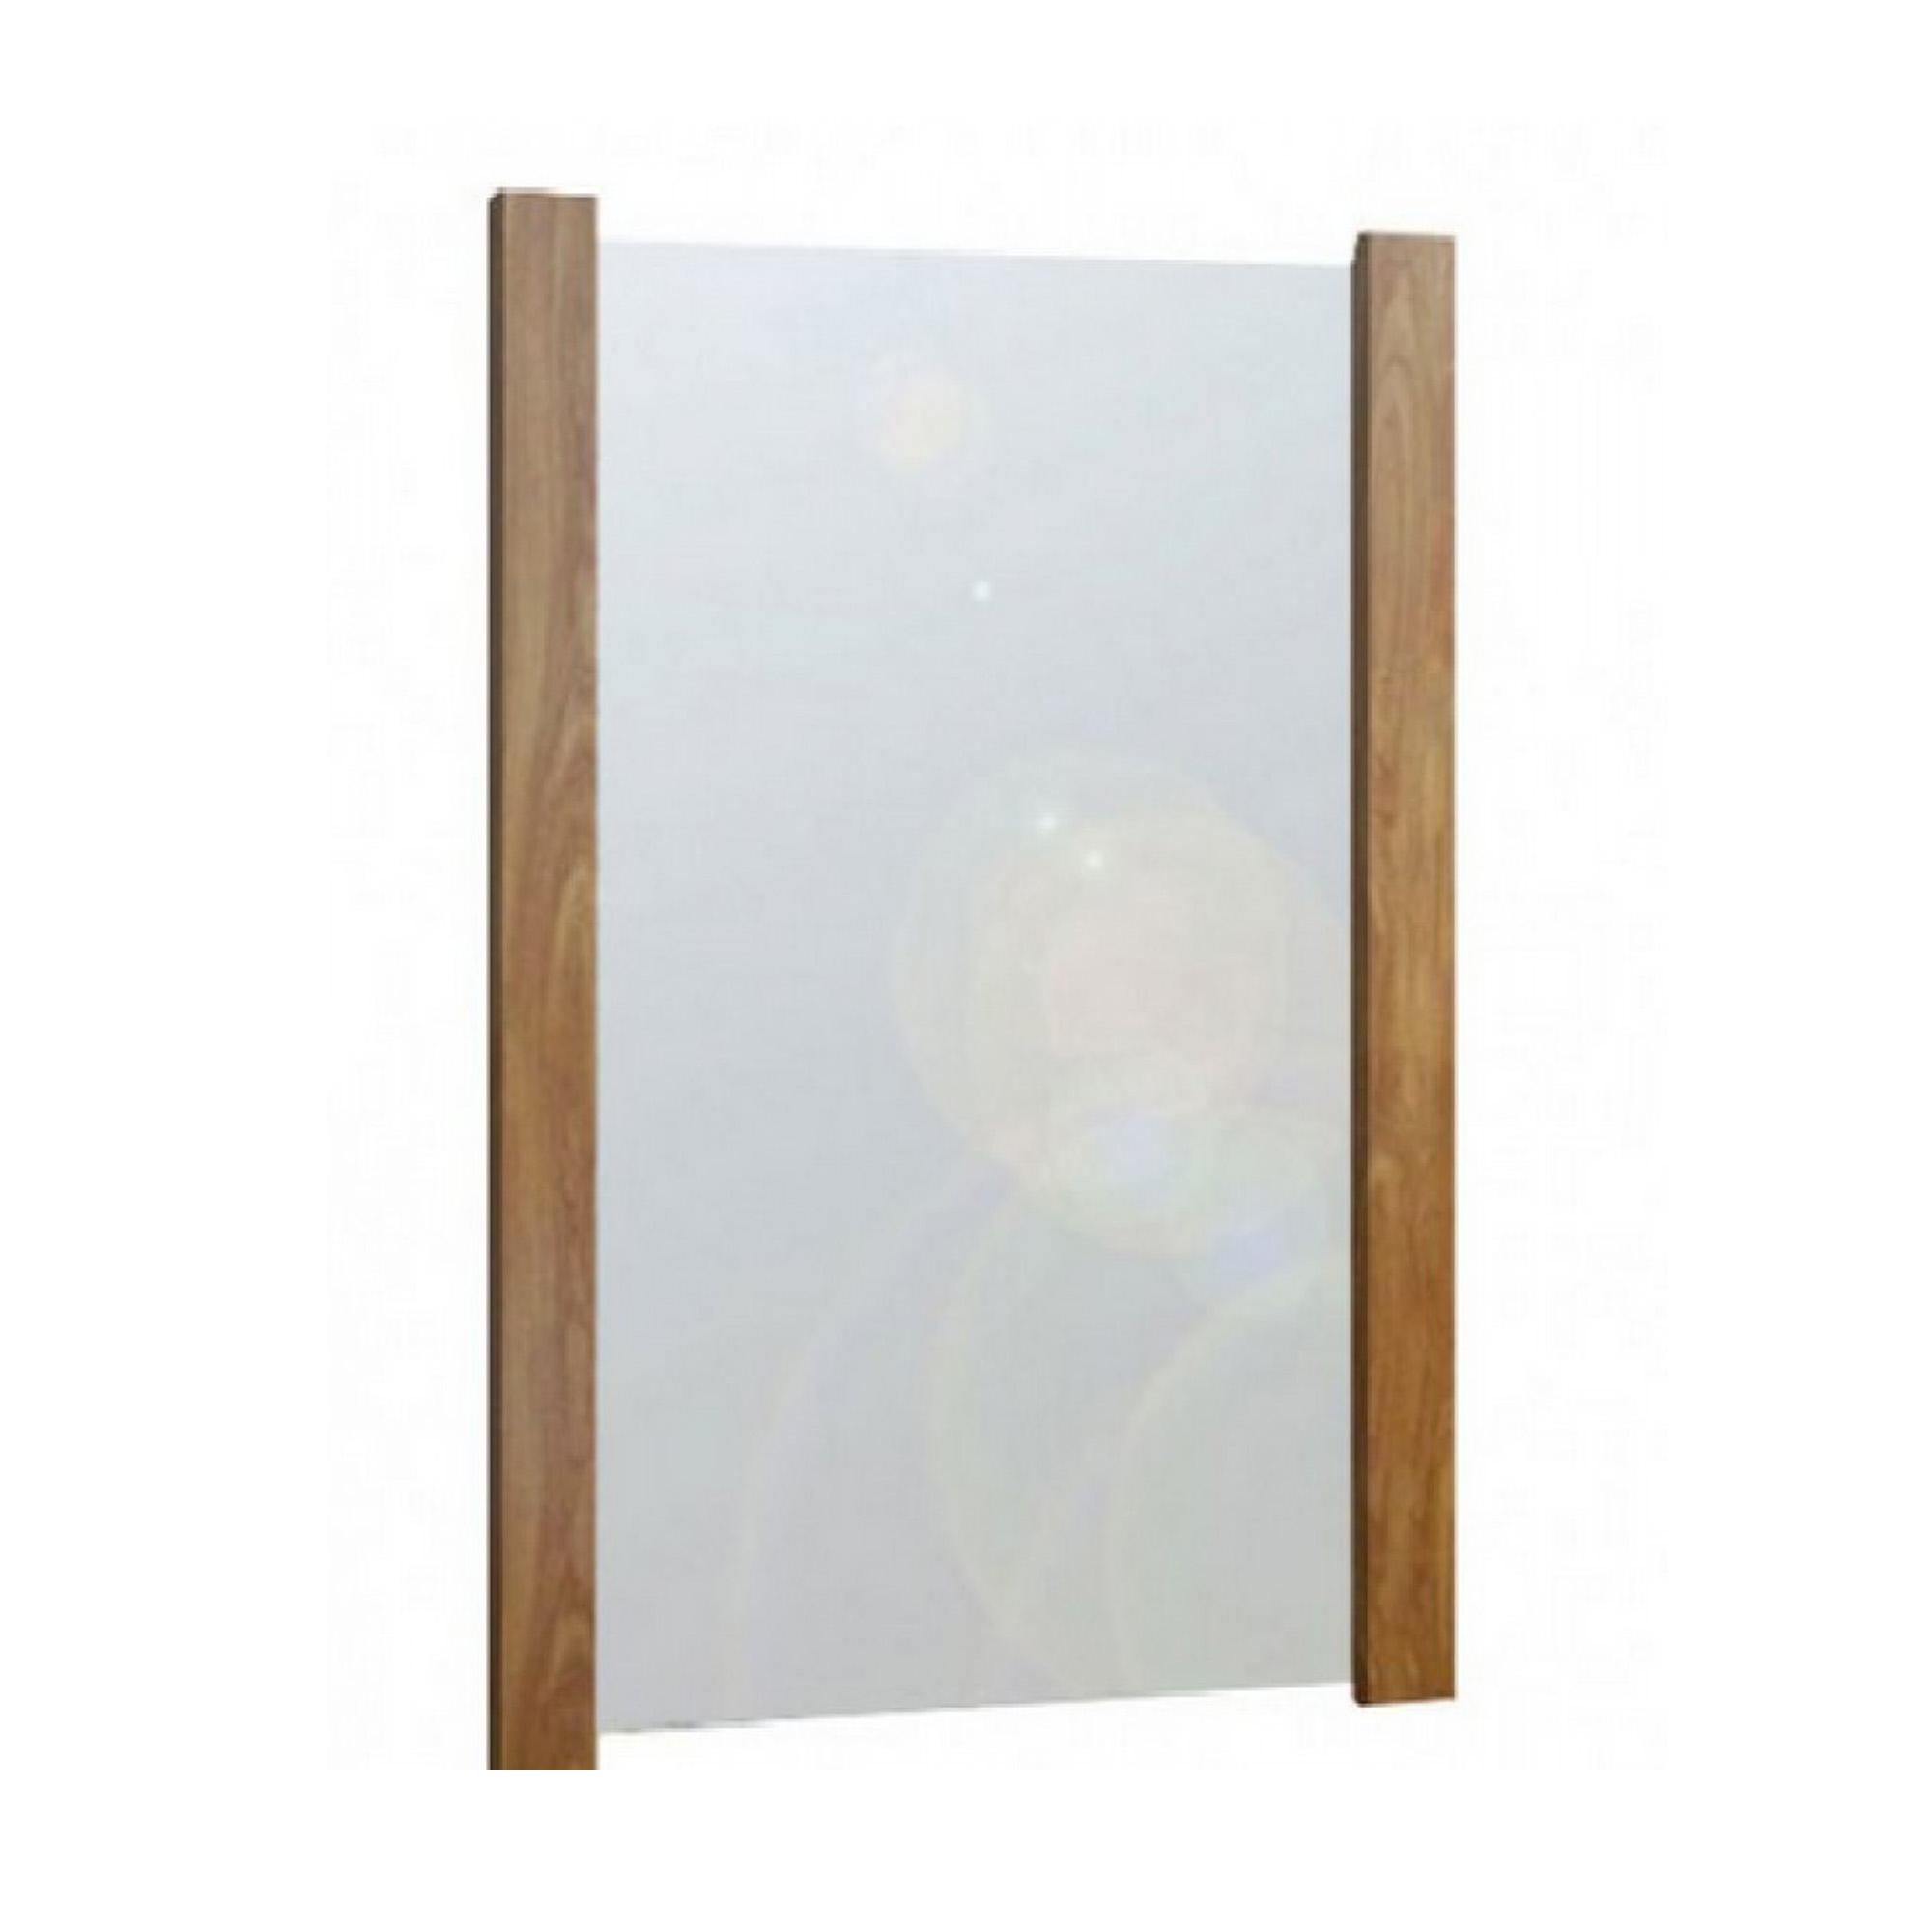 Καθρέπτης σε χρώμα ανιγκρέ 75×90